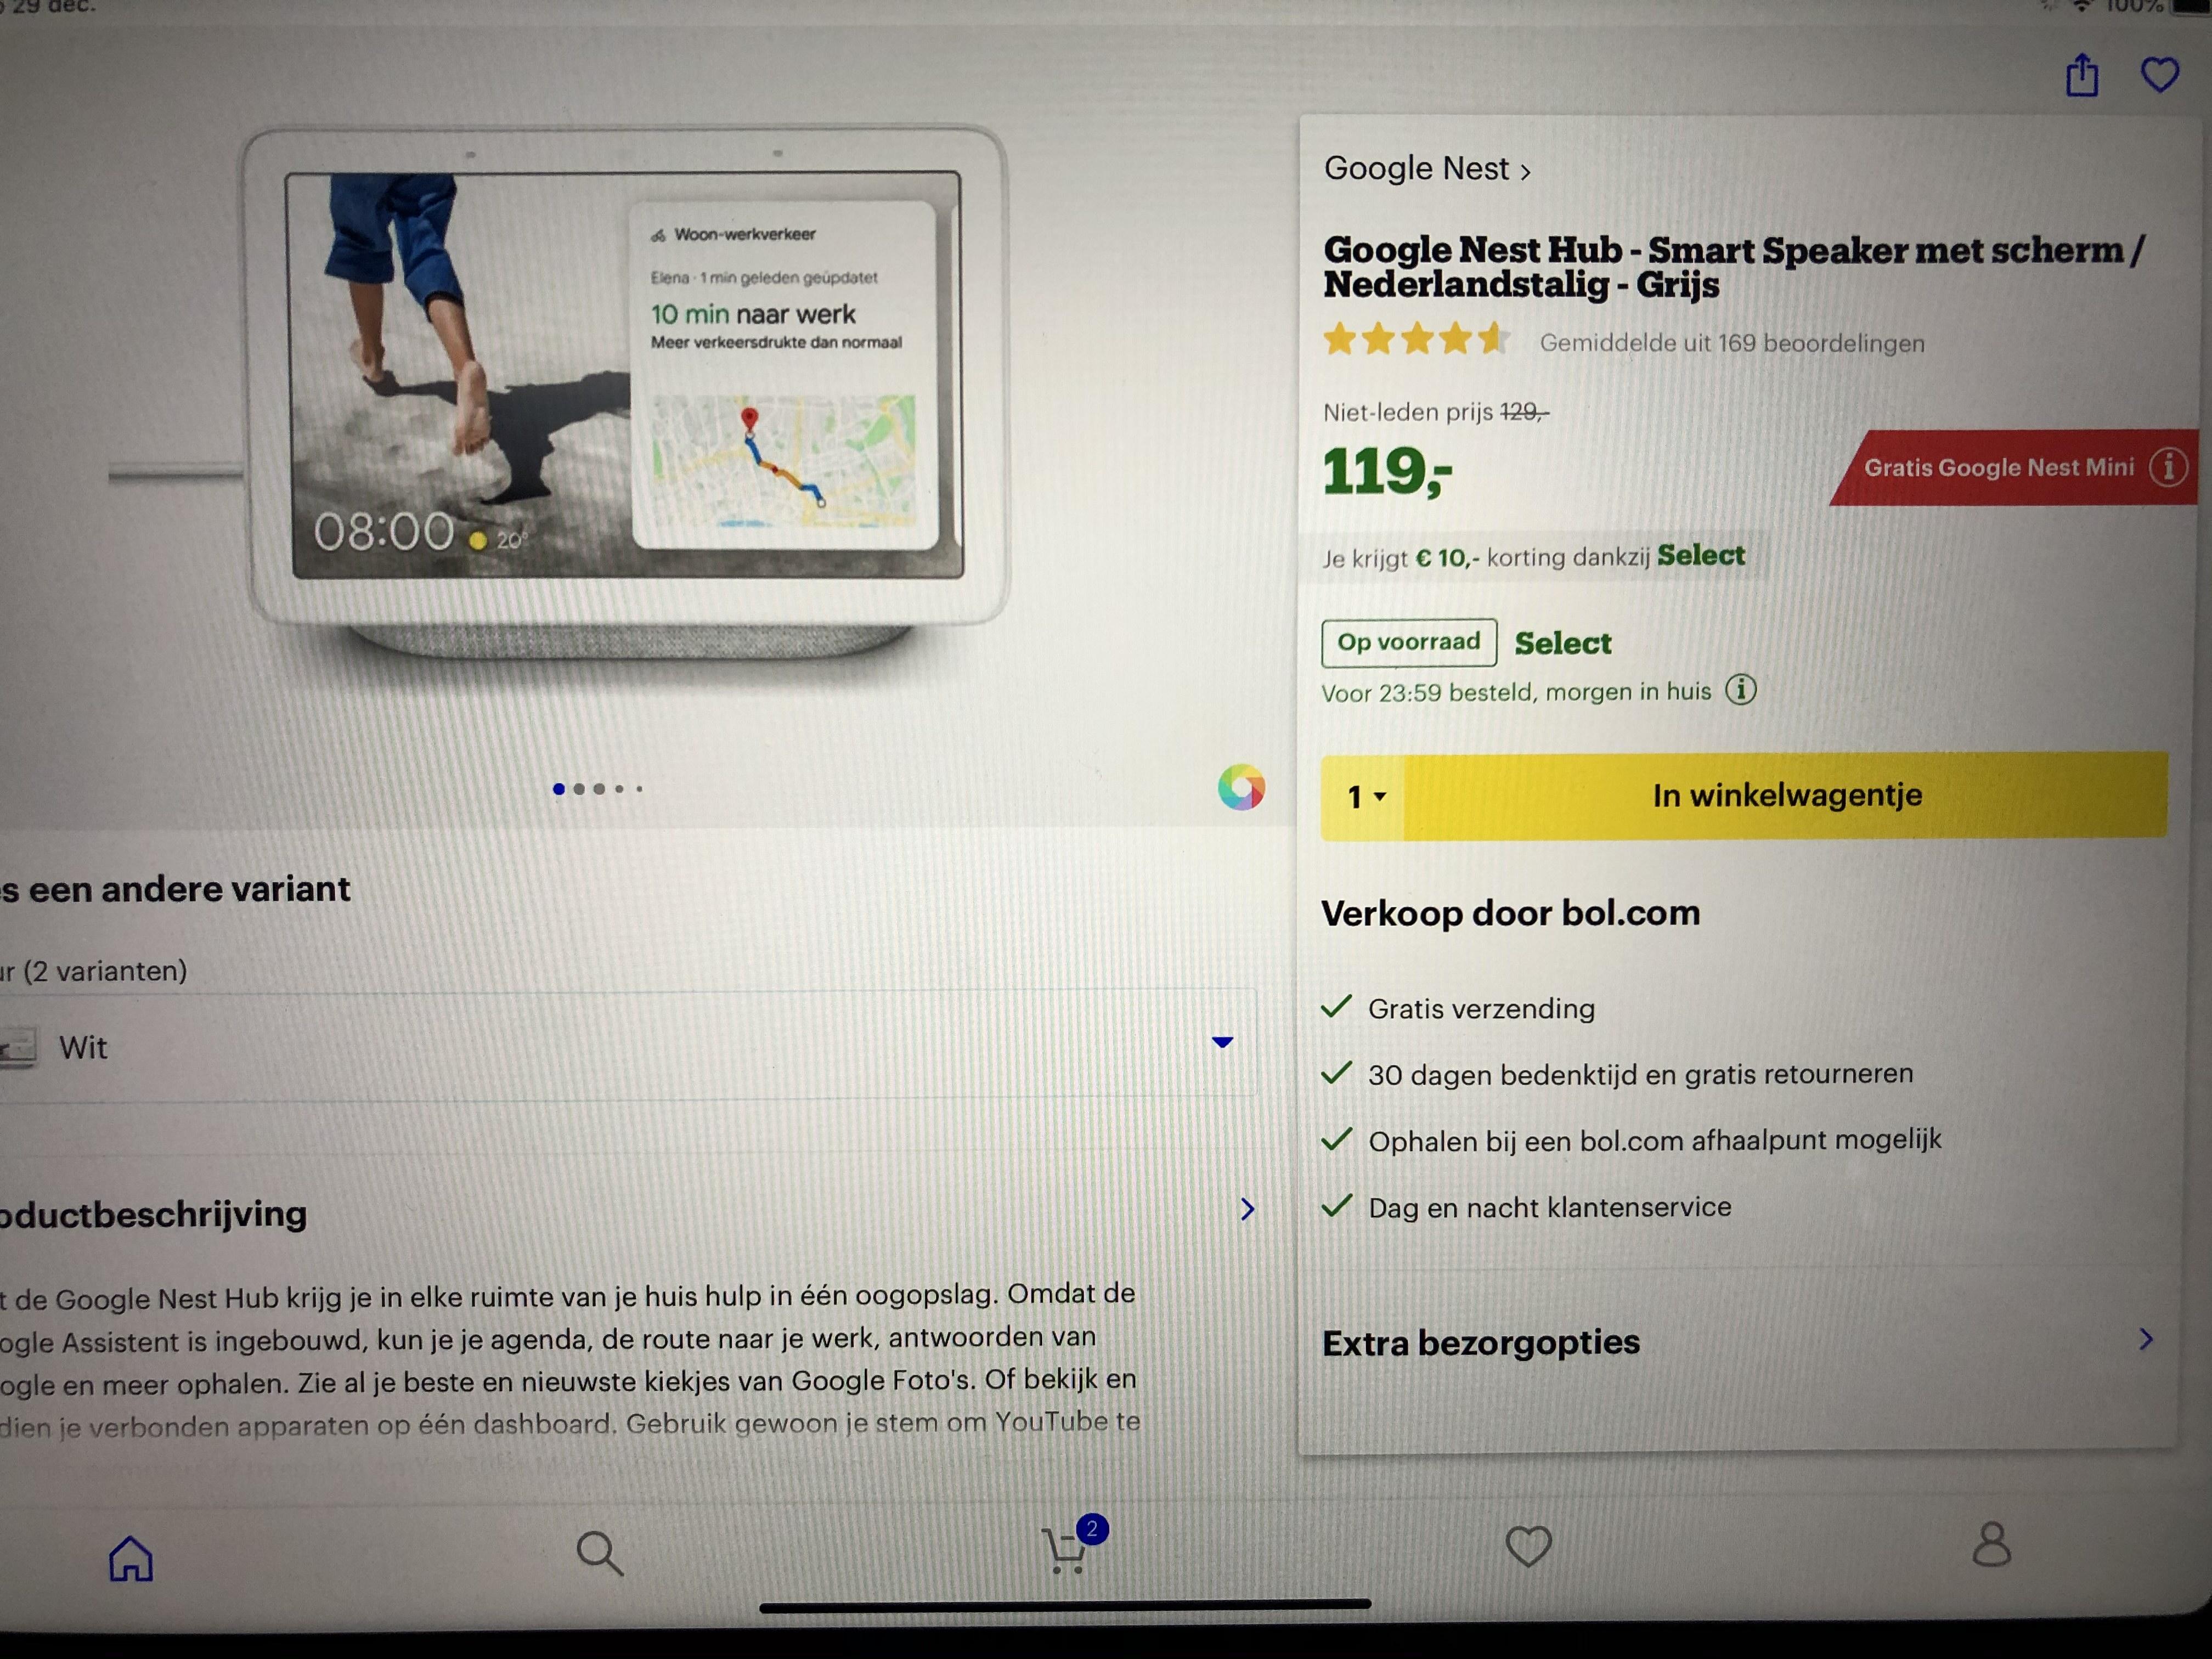 Google Nest Hub + gratis Google Nest Mini